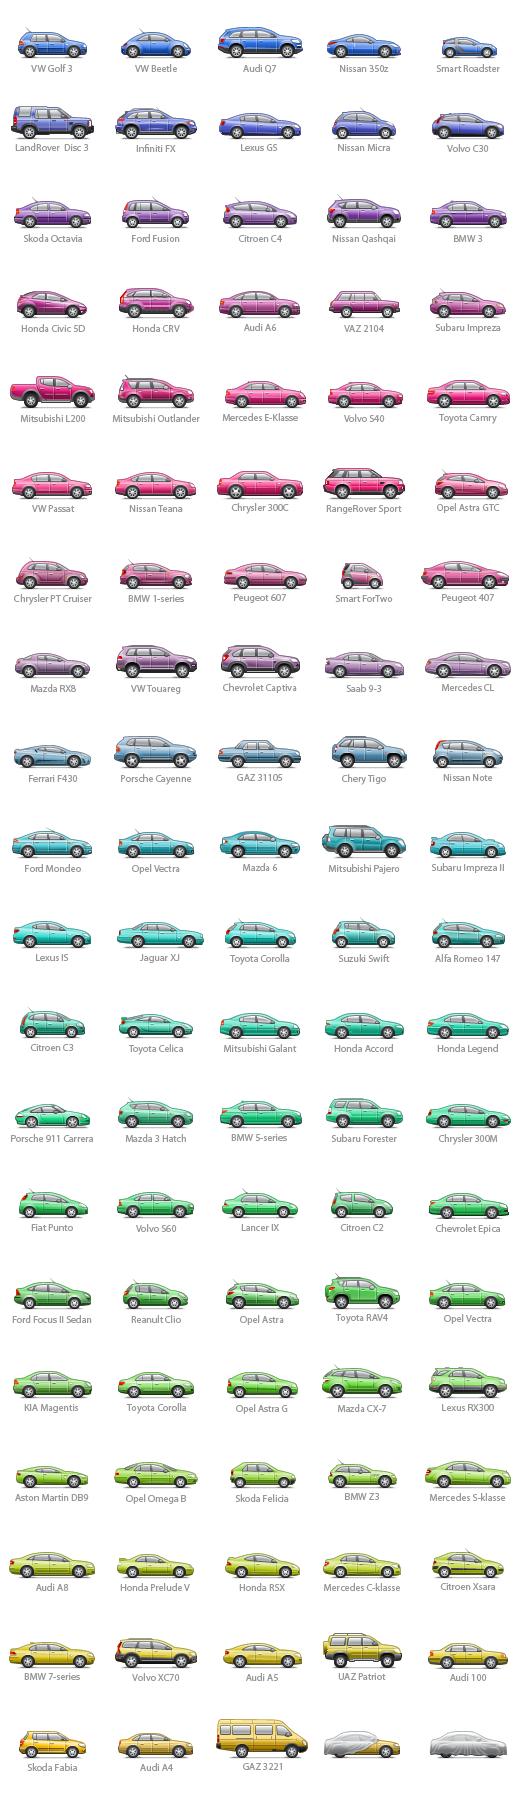 Иконки автомобилей для Автокадабры